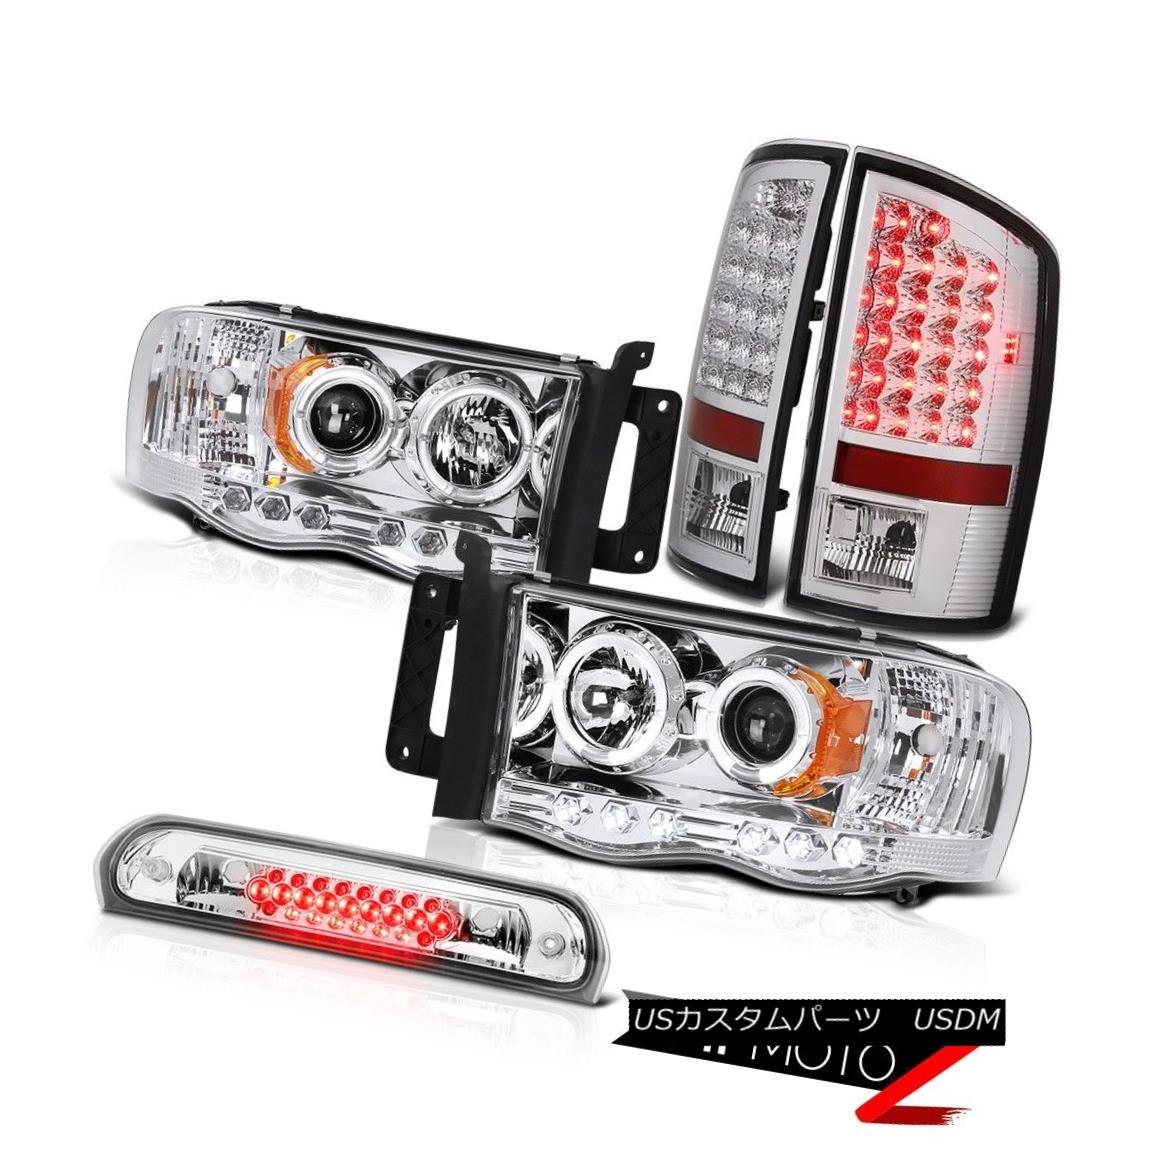 テールライト Angel Eye Headlights LED Brake Tail Lights Roof Cargo 02 03 04 05 Ram PowerTech エンジェルアイヘッドライトLEDブレーキテールライトルーフカーゴ02 03 04 05 Ram PowerTech